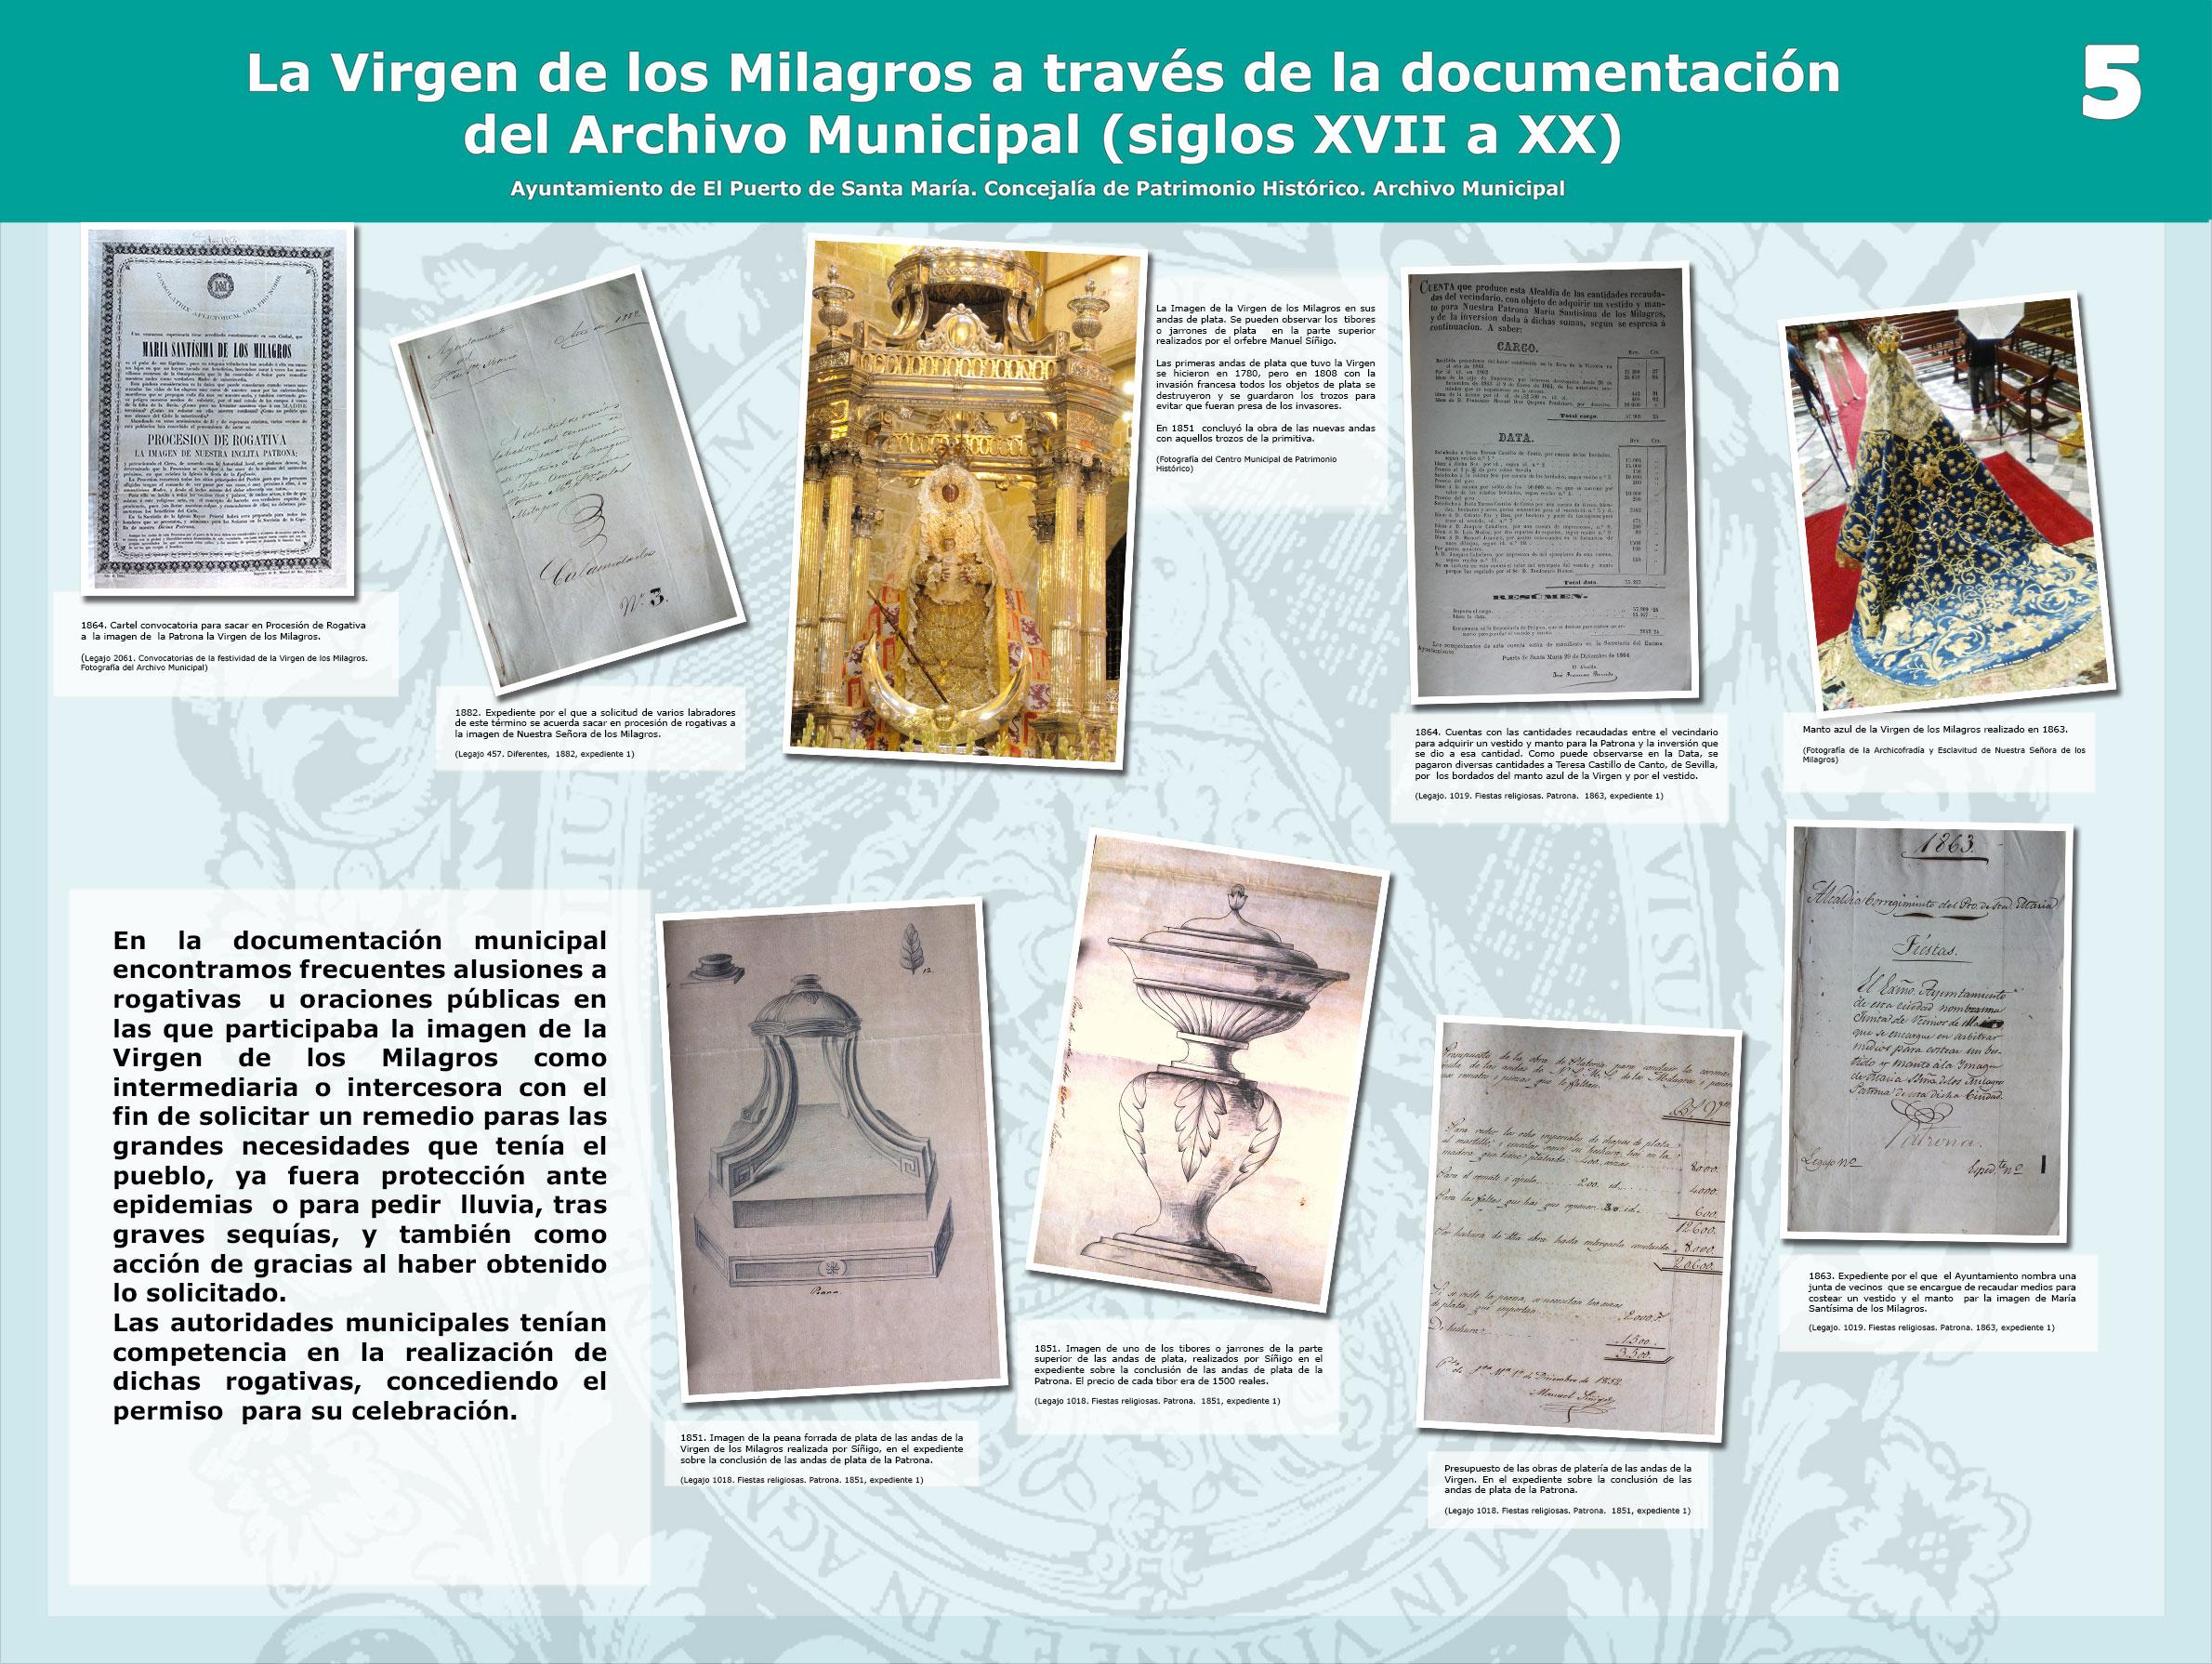 La Virgen de los Milagros a través de la documentación del Archivo Municipal (s. XVII a XX)